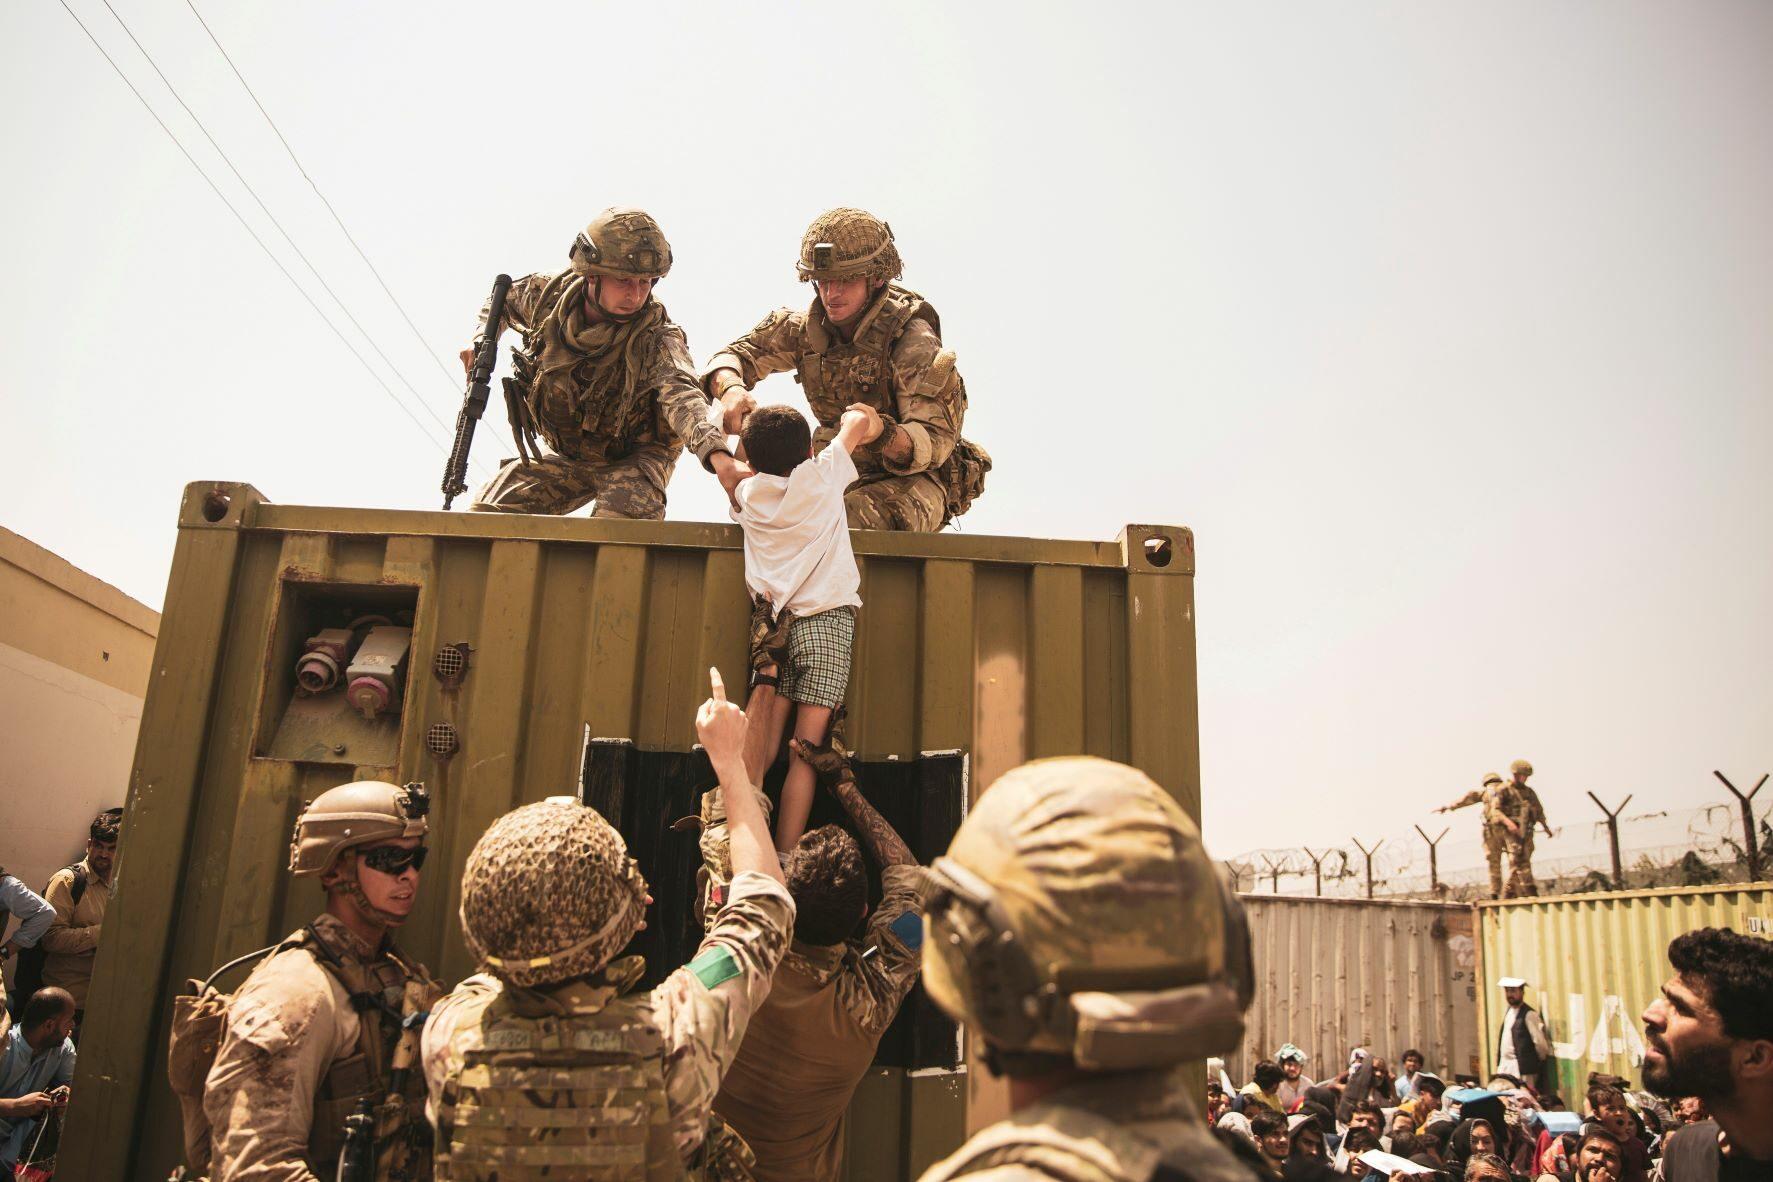 อังกฤษลั่นยุติอพยพพลเรือนพ้นอัฟกานิสถานวันนี้(28 ส.ค.) เศร้าพาไปไม่ได้ทุกคน!